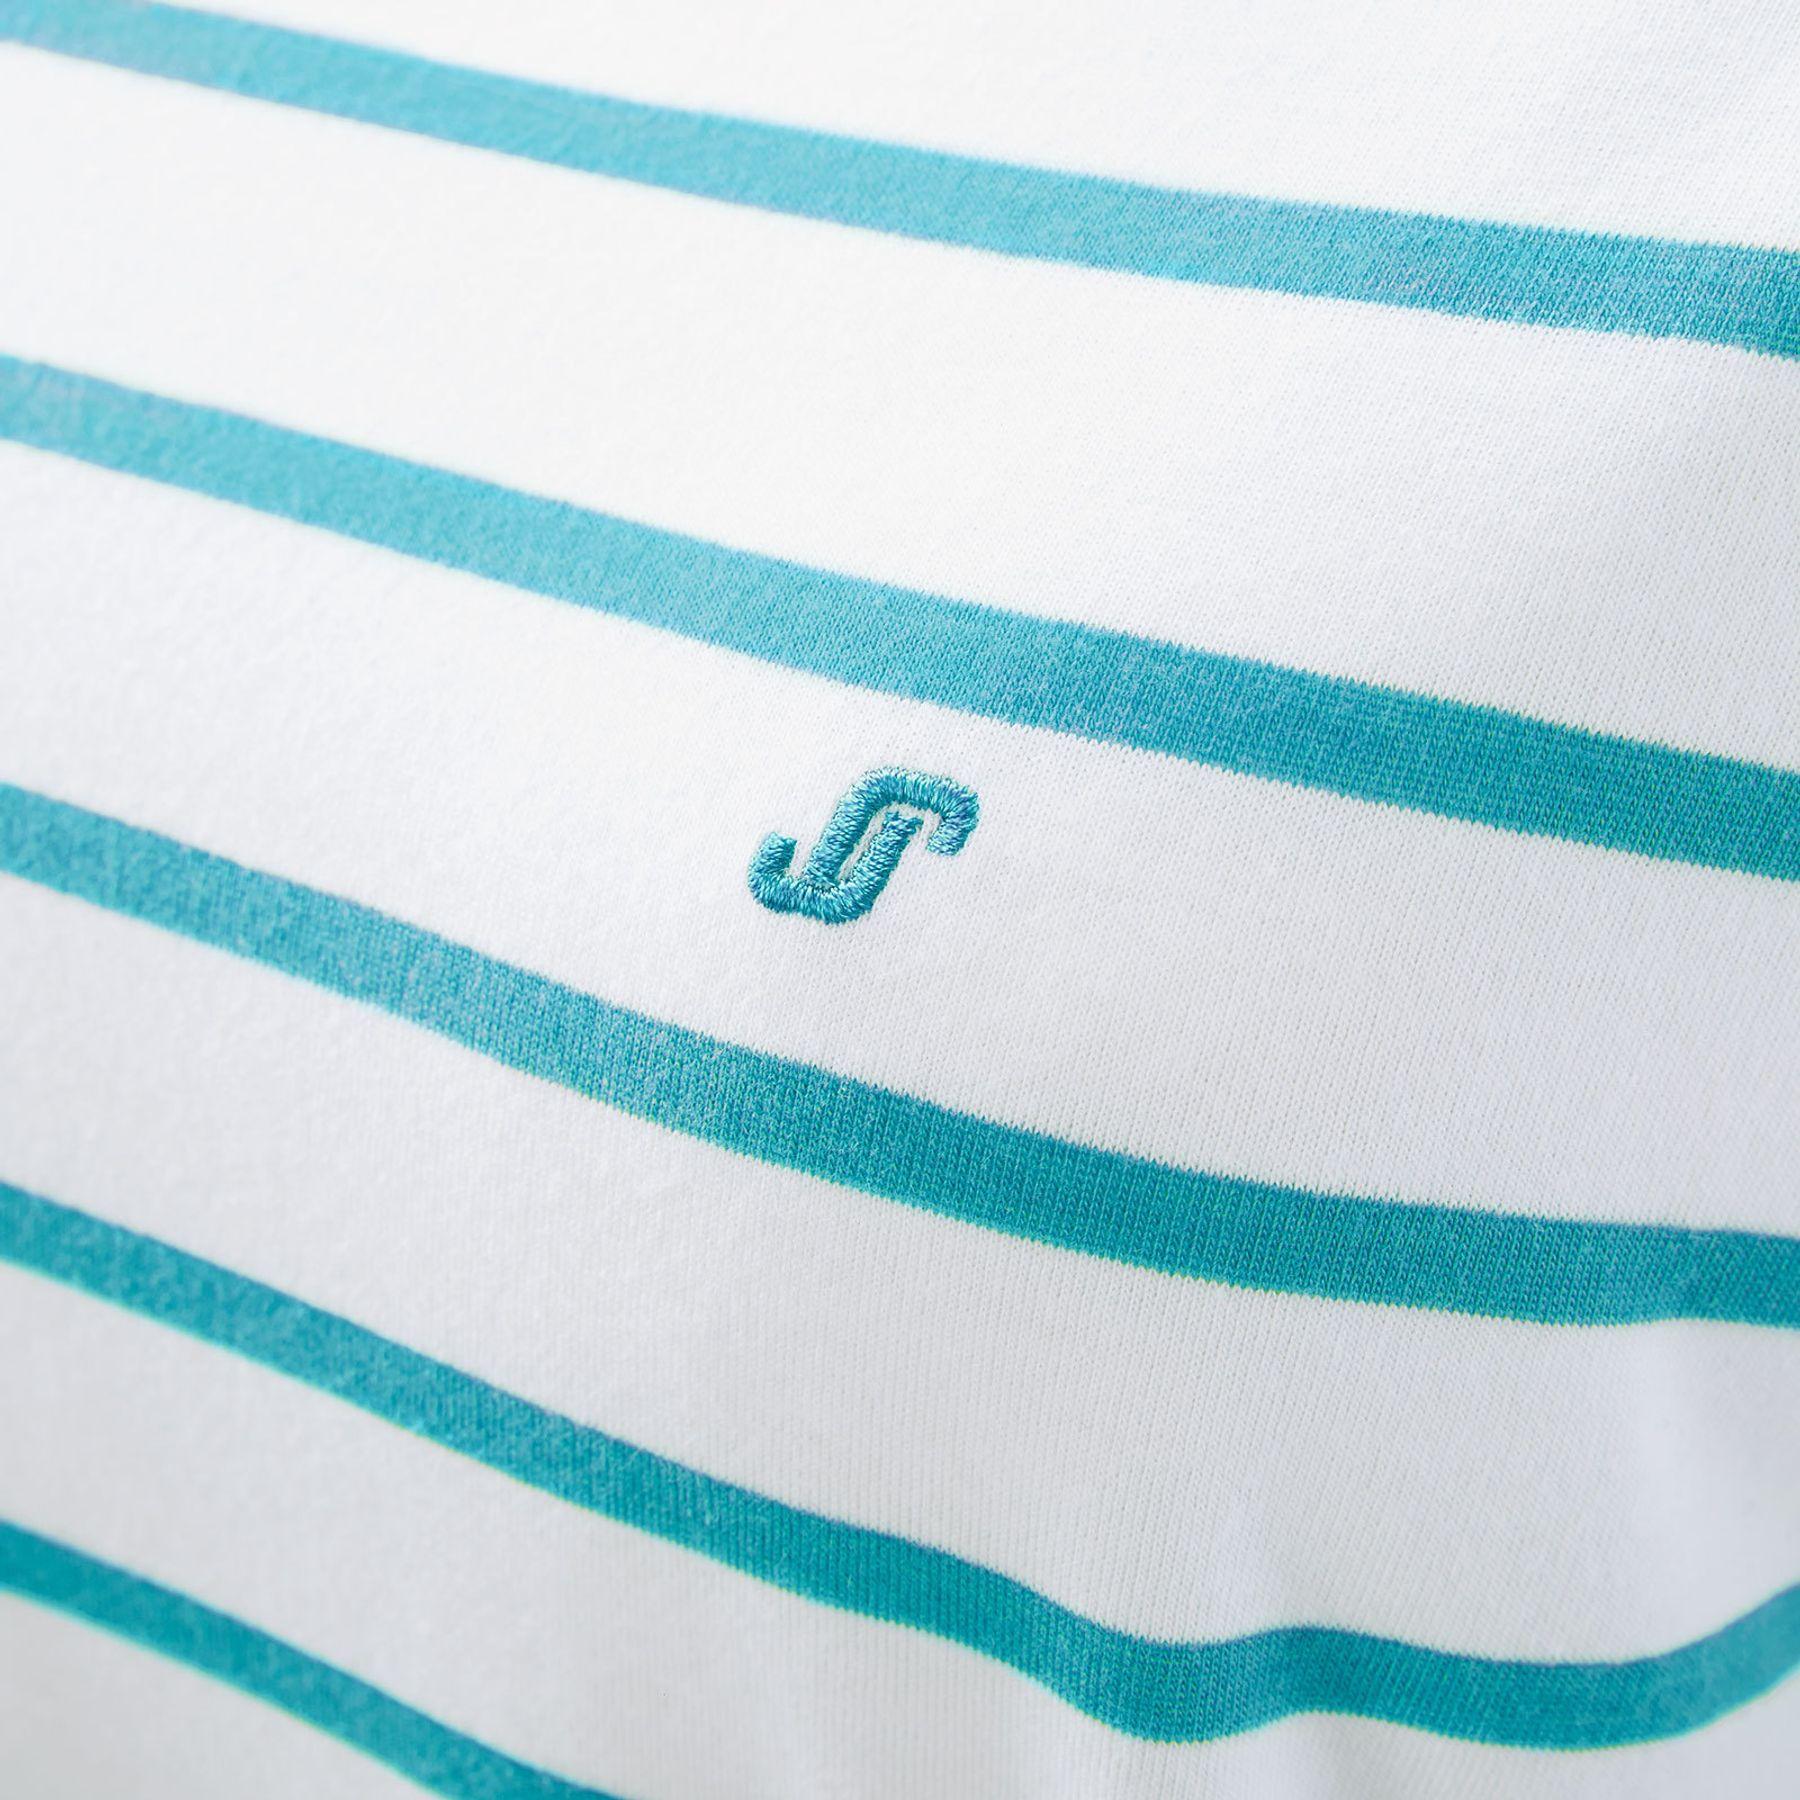 Joy - Damen Sport und Freizeit Shirt in verschiedenen Farbvarianten, Zola (34495 A) – Bild 9